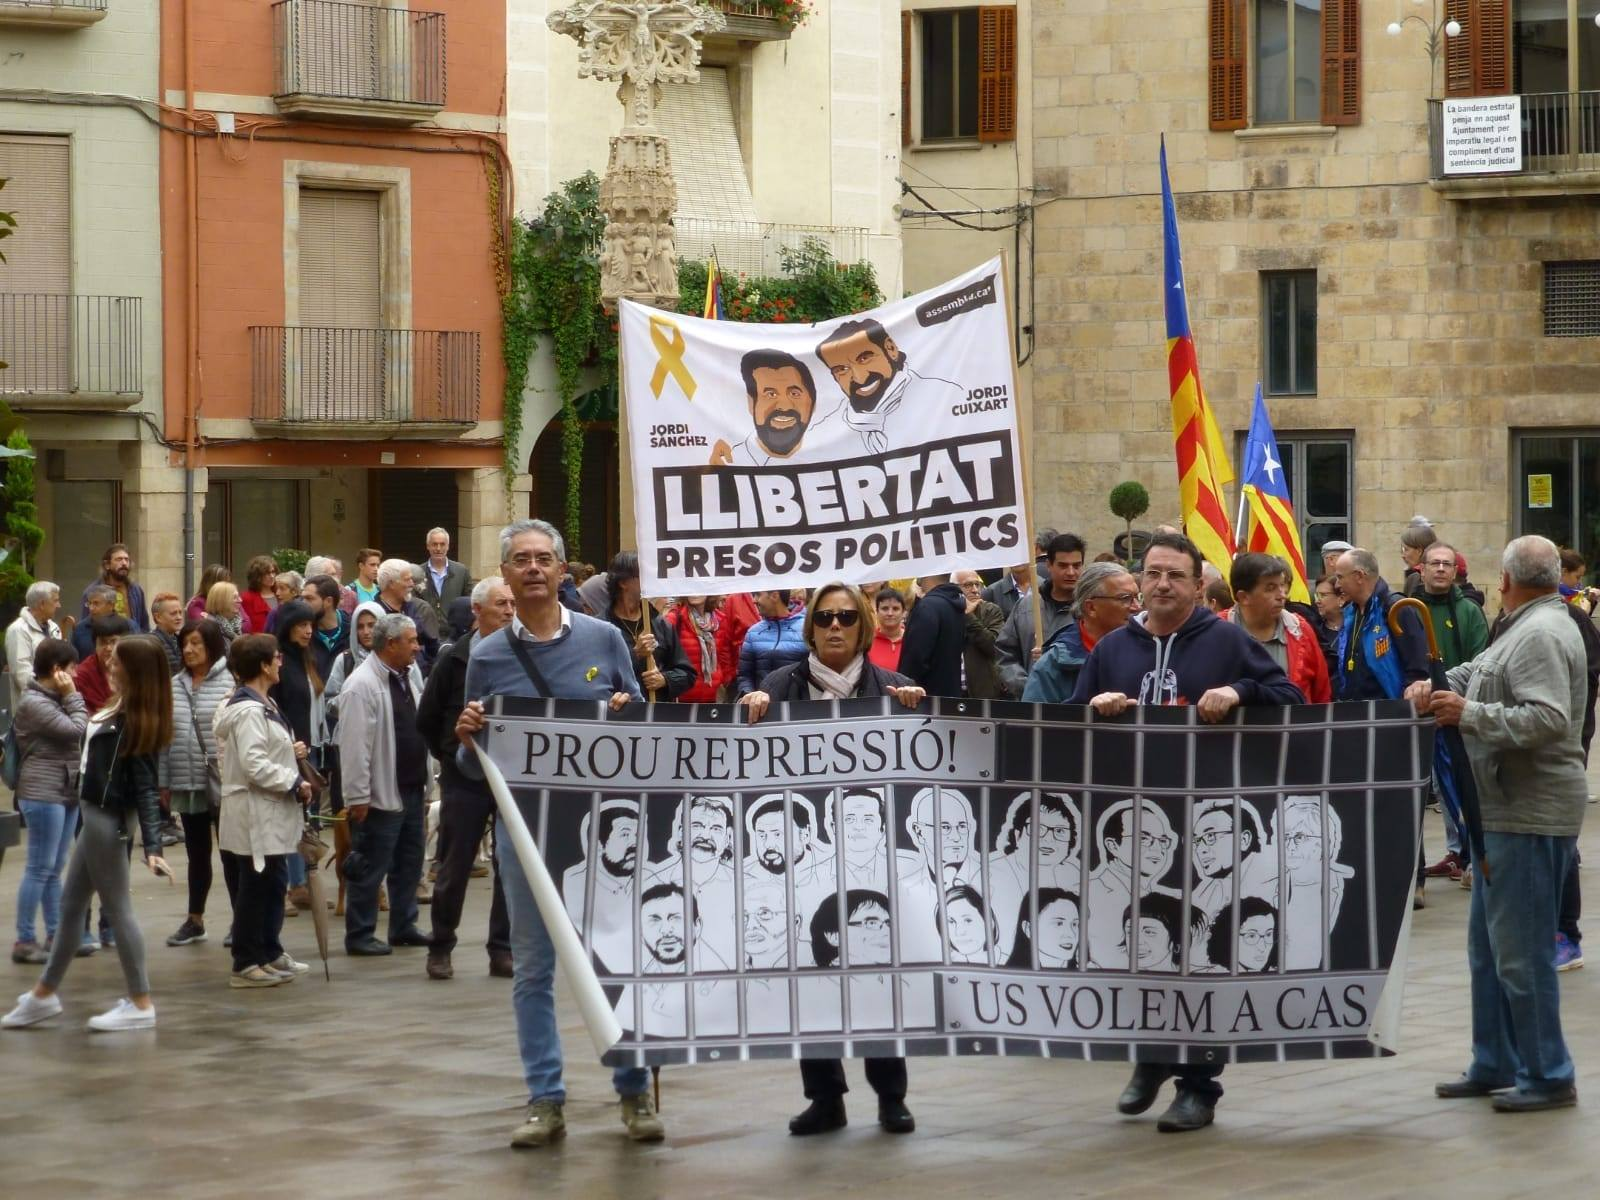 200 persones es manifesten a Tàrrega sota la pluja quan fa 2 anys de l'ingrés a presó de Jordi Cuixart i Jordi Sánchez.